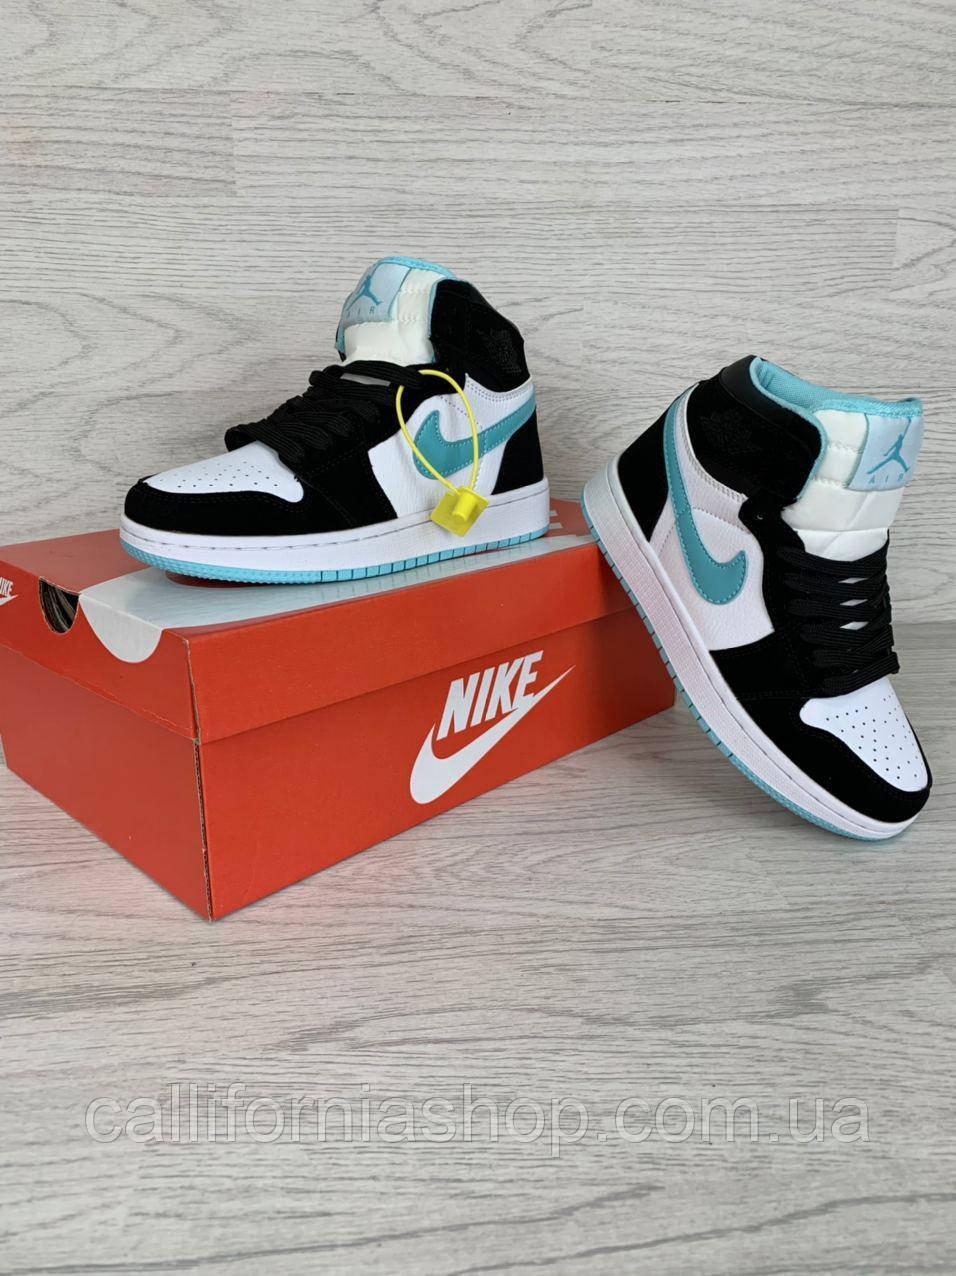 Кроссовки женские Nike Air Jordan 1 Retro ( Найк Аир Джордан 1 Ретро ) цвет белый с мятным